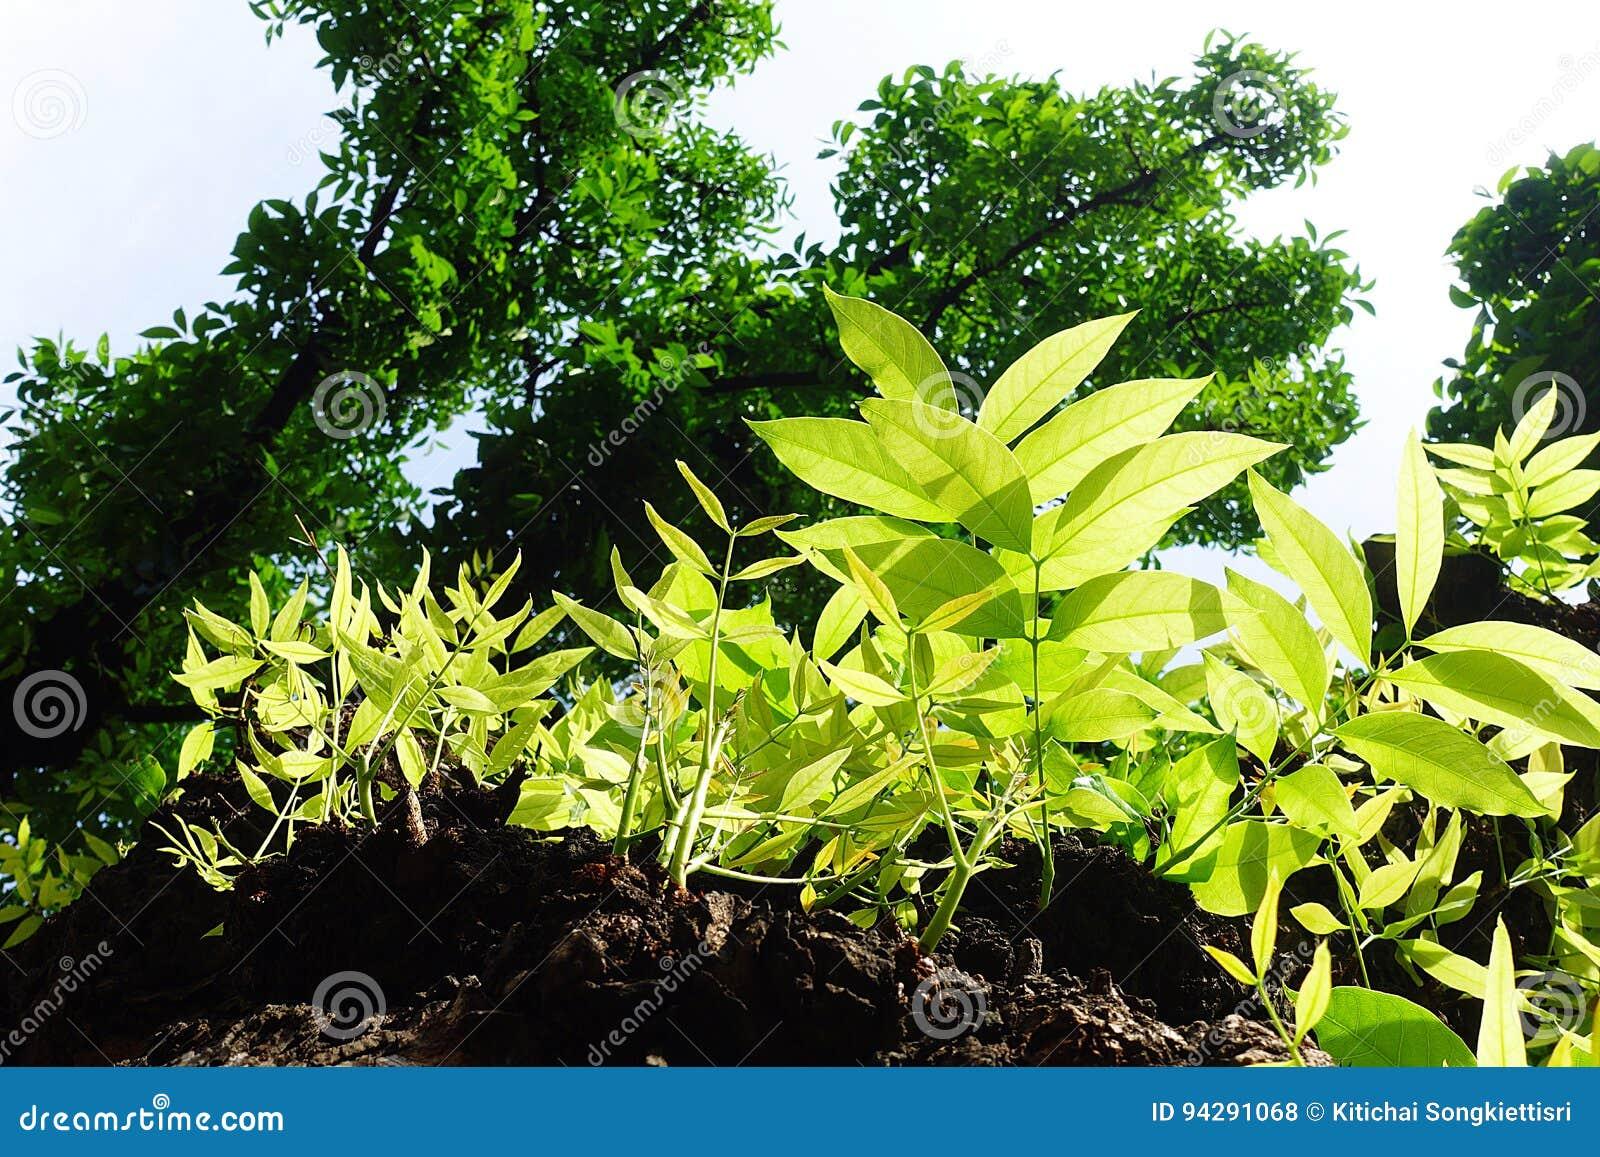 Mahagonibaum  Zebrano Baum Blatt | tentfox.com